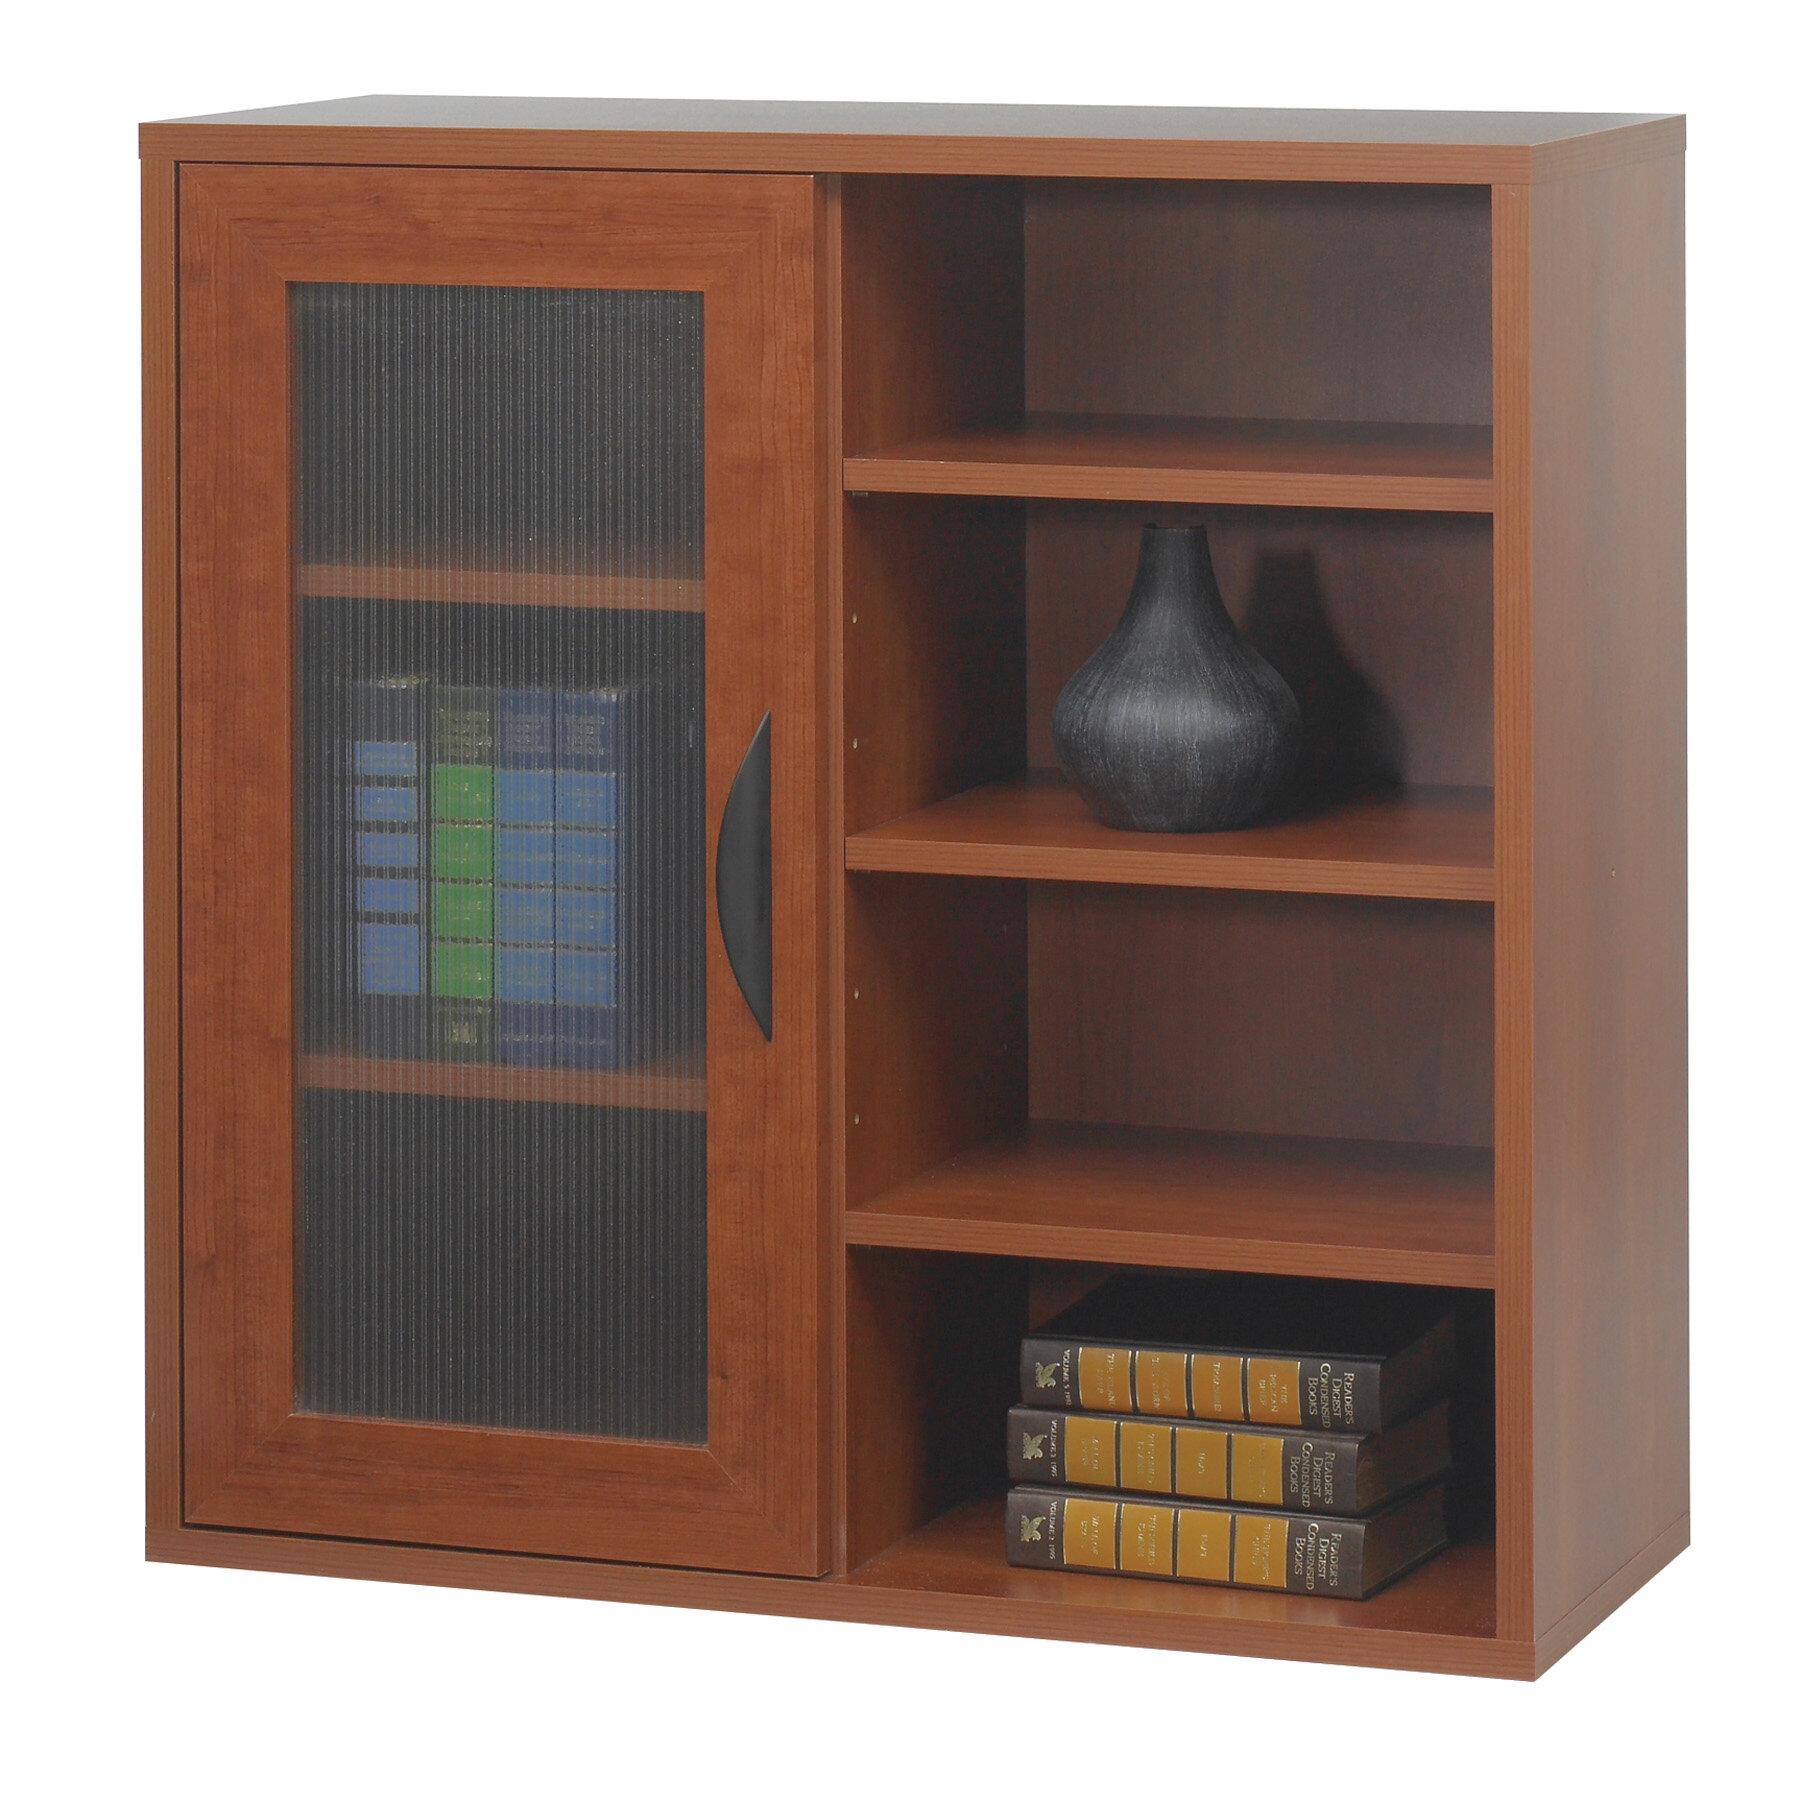 Symple Stuff Vanleer Modular Storage Single Door Open Standard Bookcase Reviews Wayfair